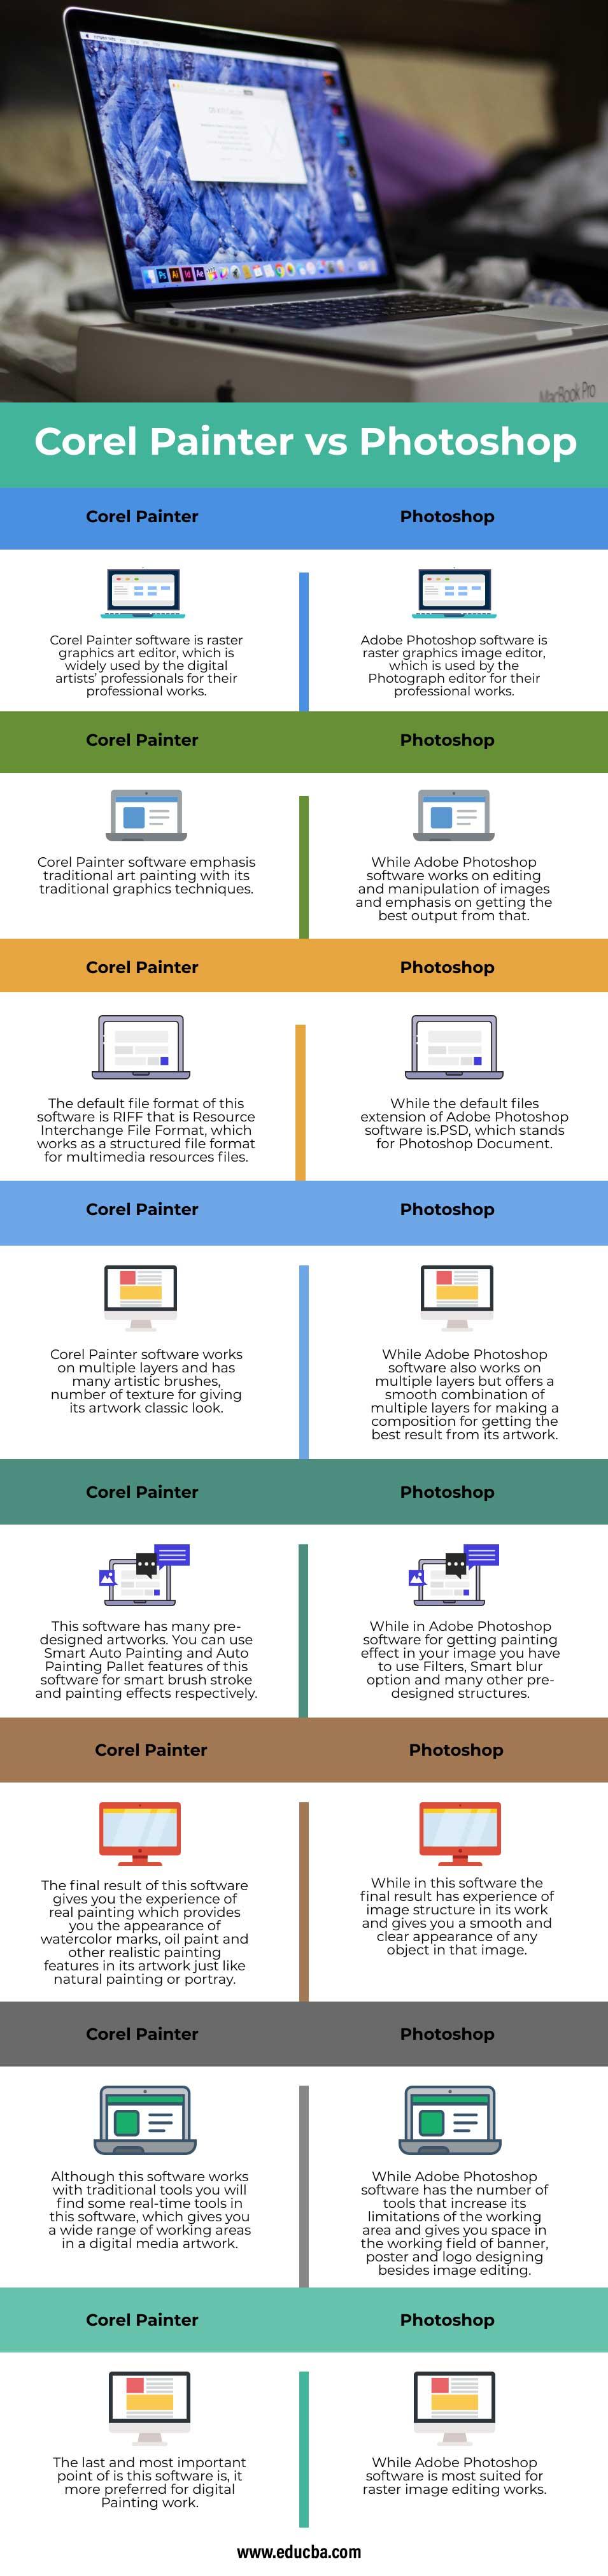 Corel-Painter-vs-Photoshop-info